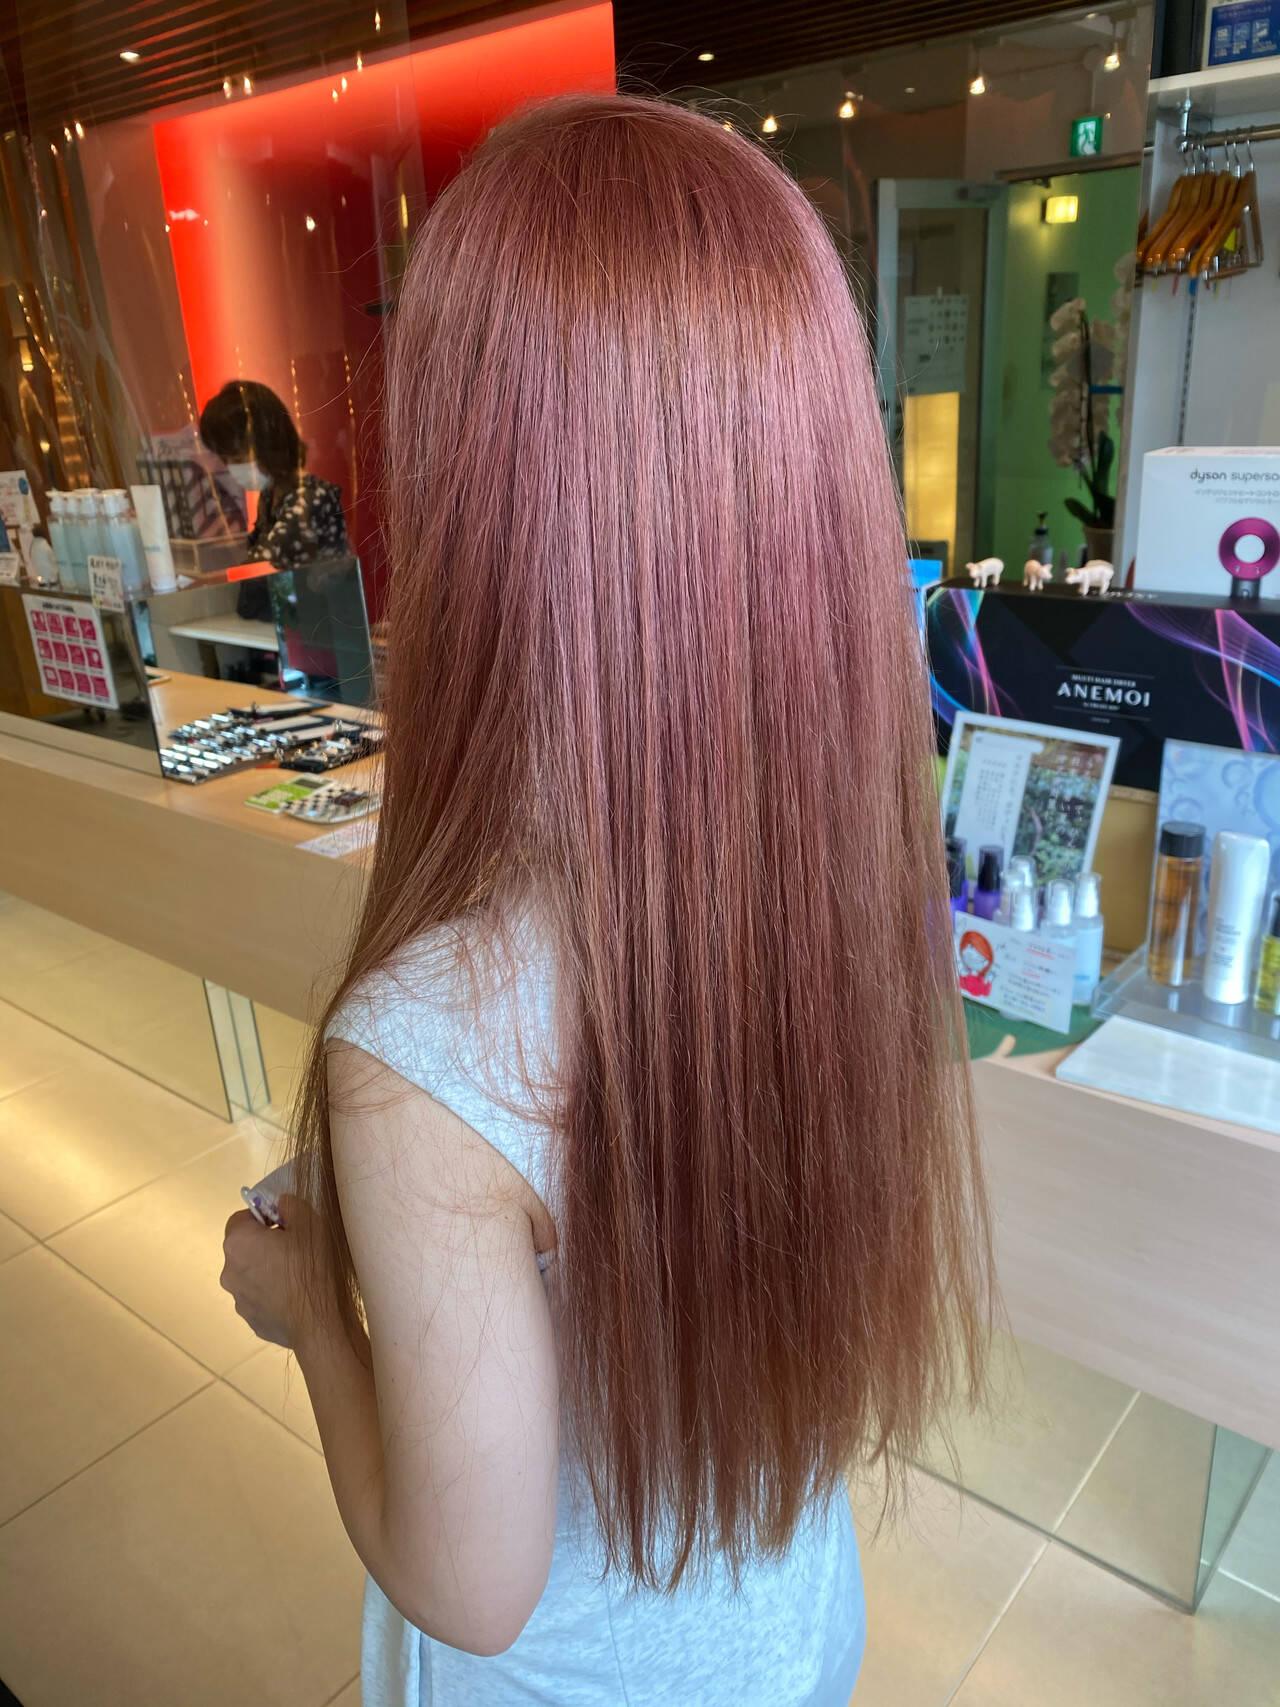 グラデーションカラー ロング ガーリー ダブルカラーヘアスタイルや髪型の写真・画像